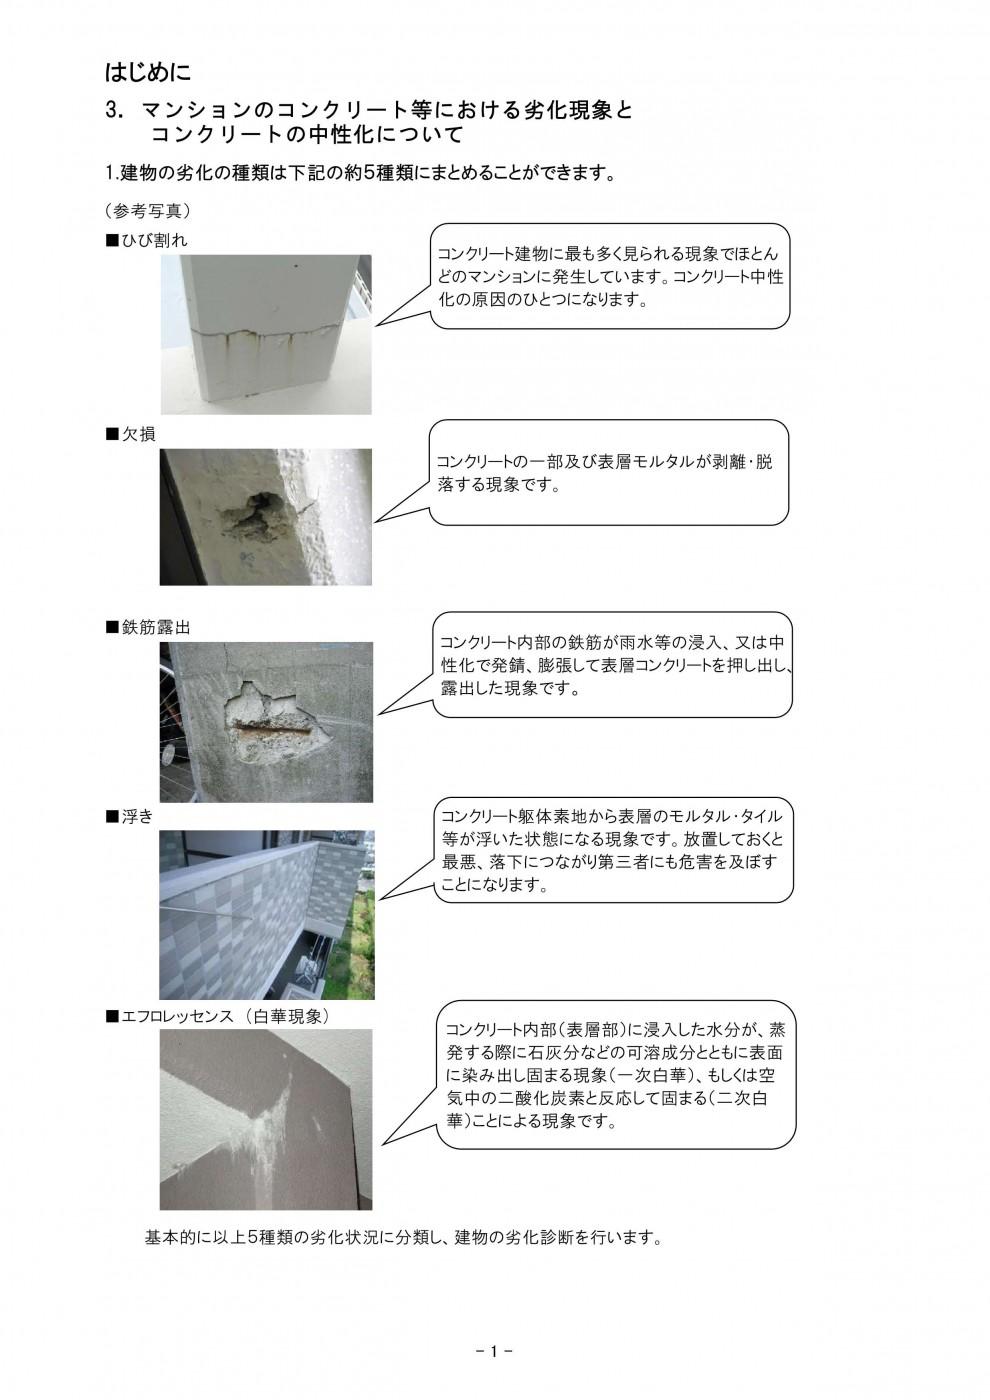 ブログ資料建物診断_1